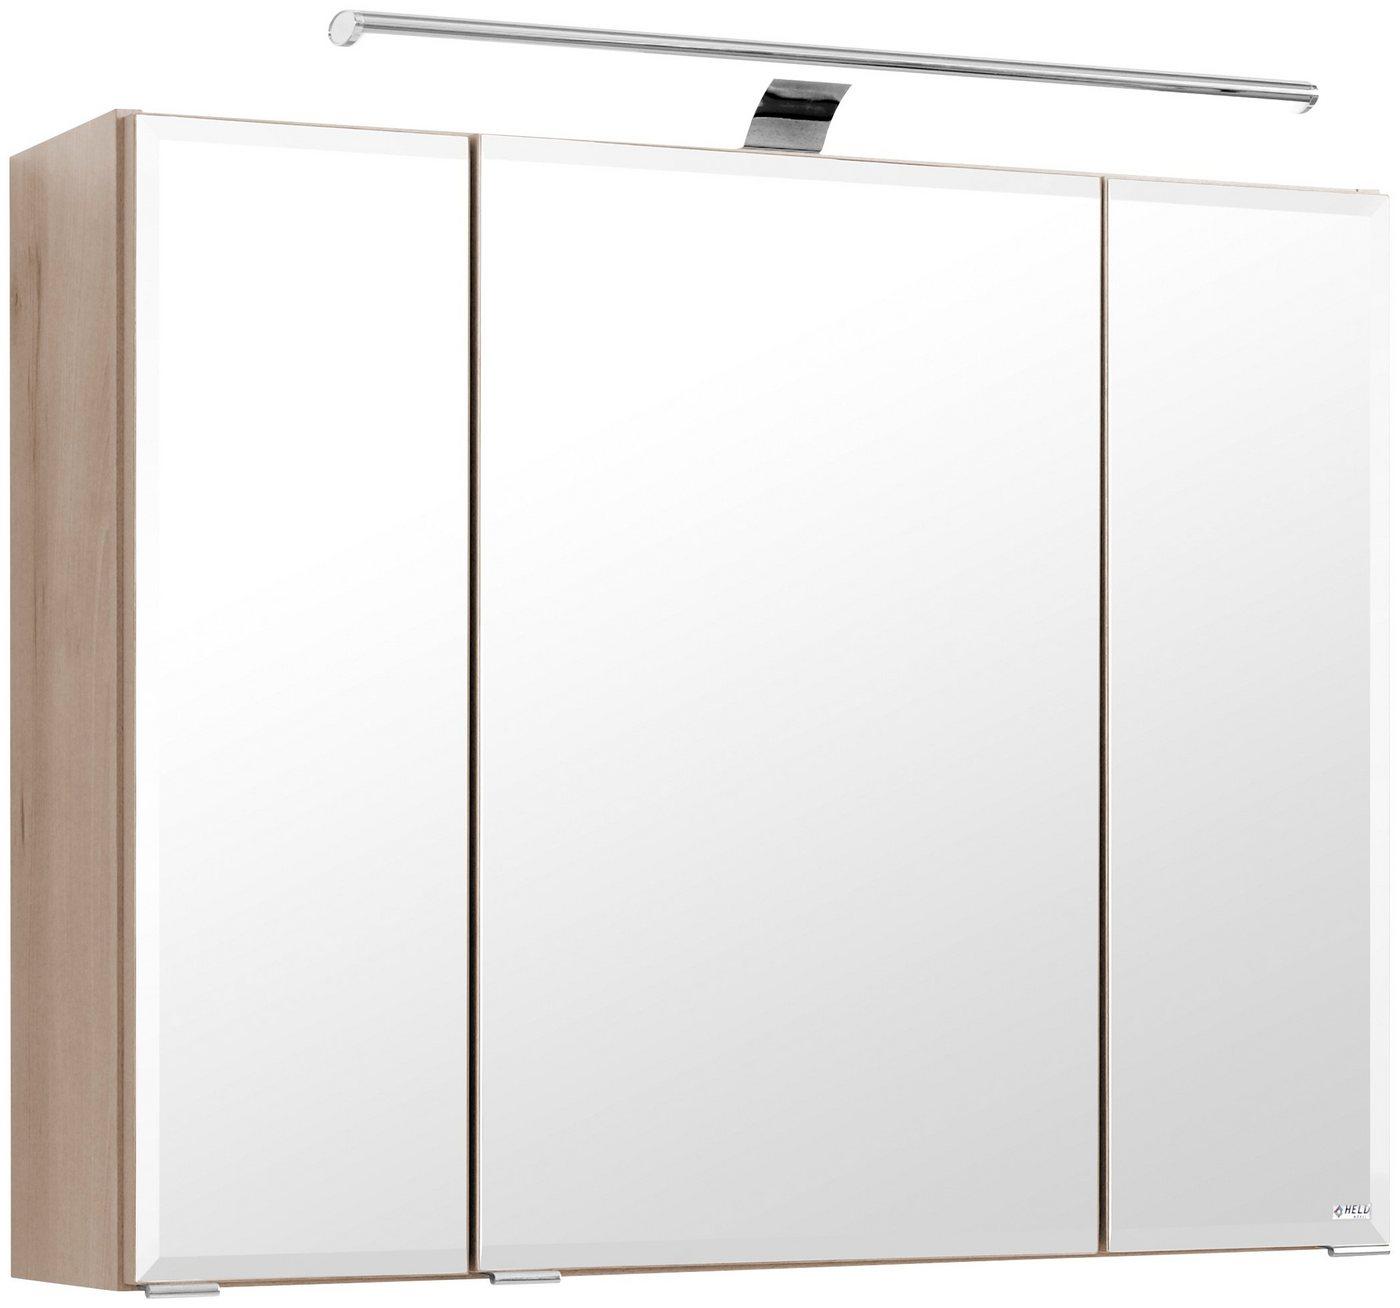 spiegelschrank 80 cm breit preisvergleiche. Black Bedroom Furniture Sets. Home Design Ideas